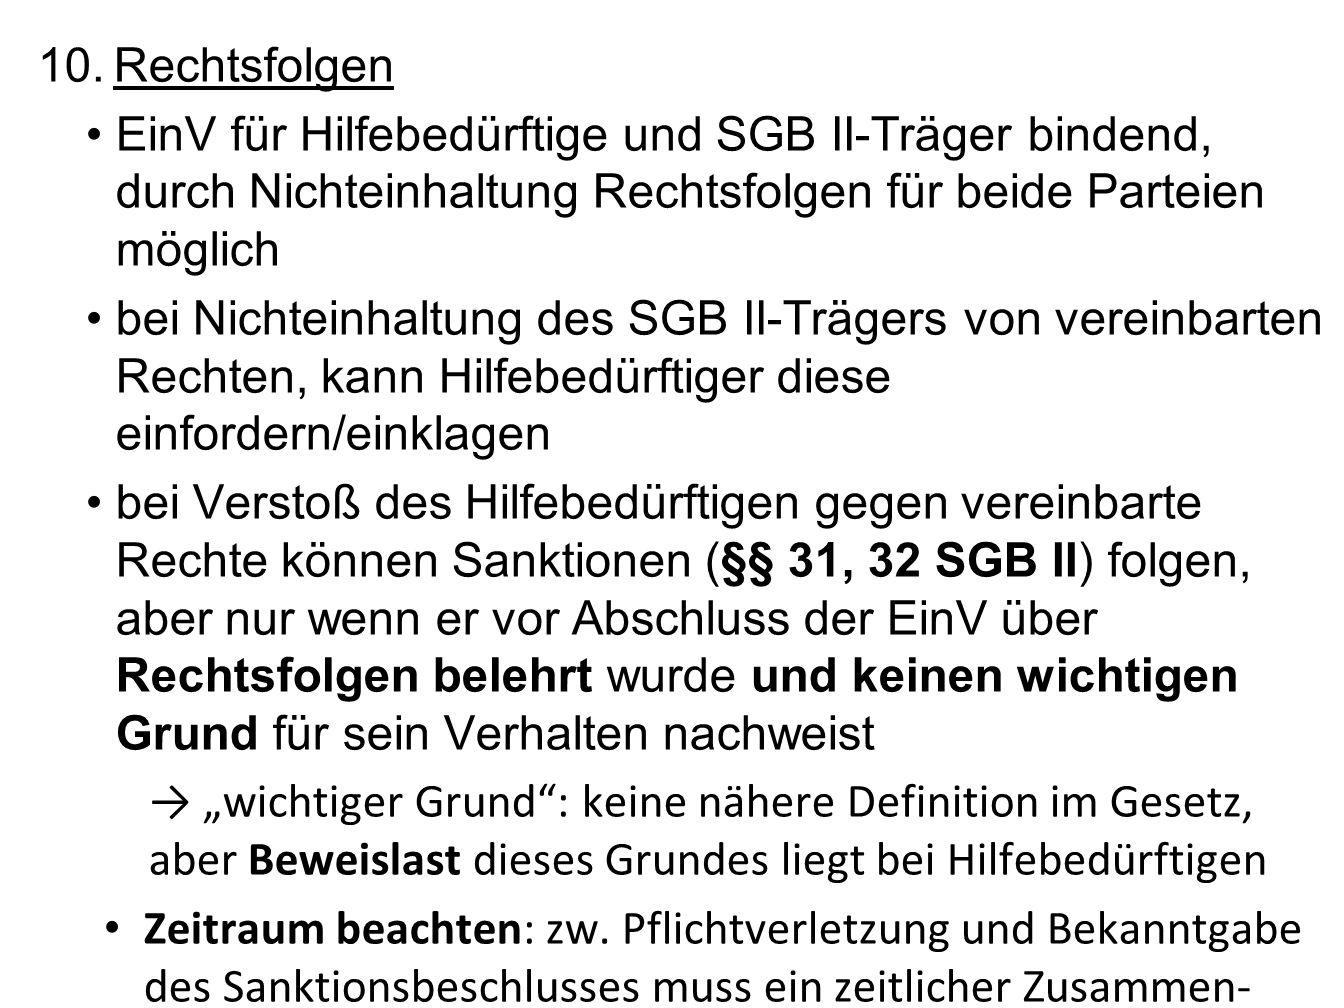 Rechtsfolgen EinV für Hilfebedürftige und SGB II-Träger bindend, durch Nichteinhaltung Rechtsfolgen für beide Parteien möglich.